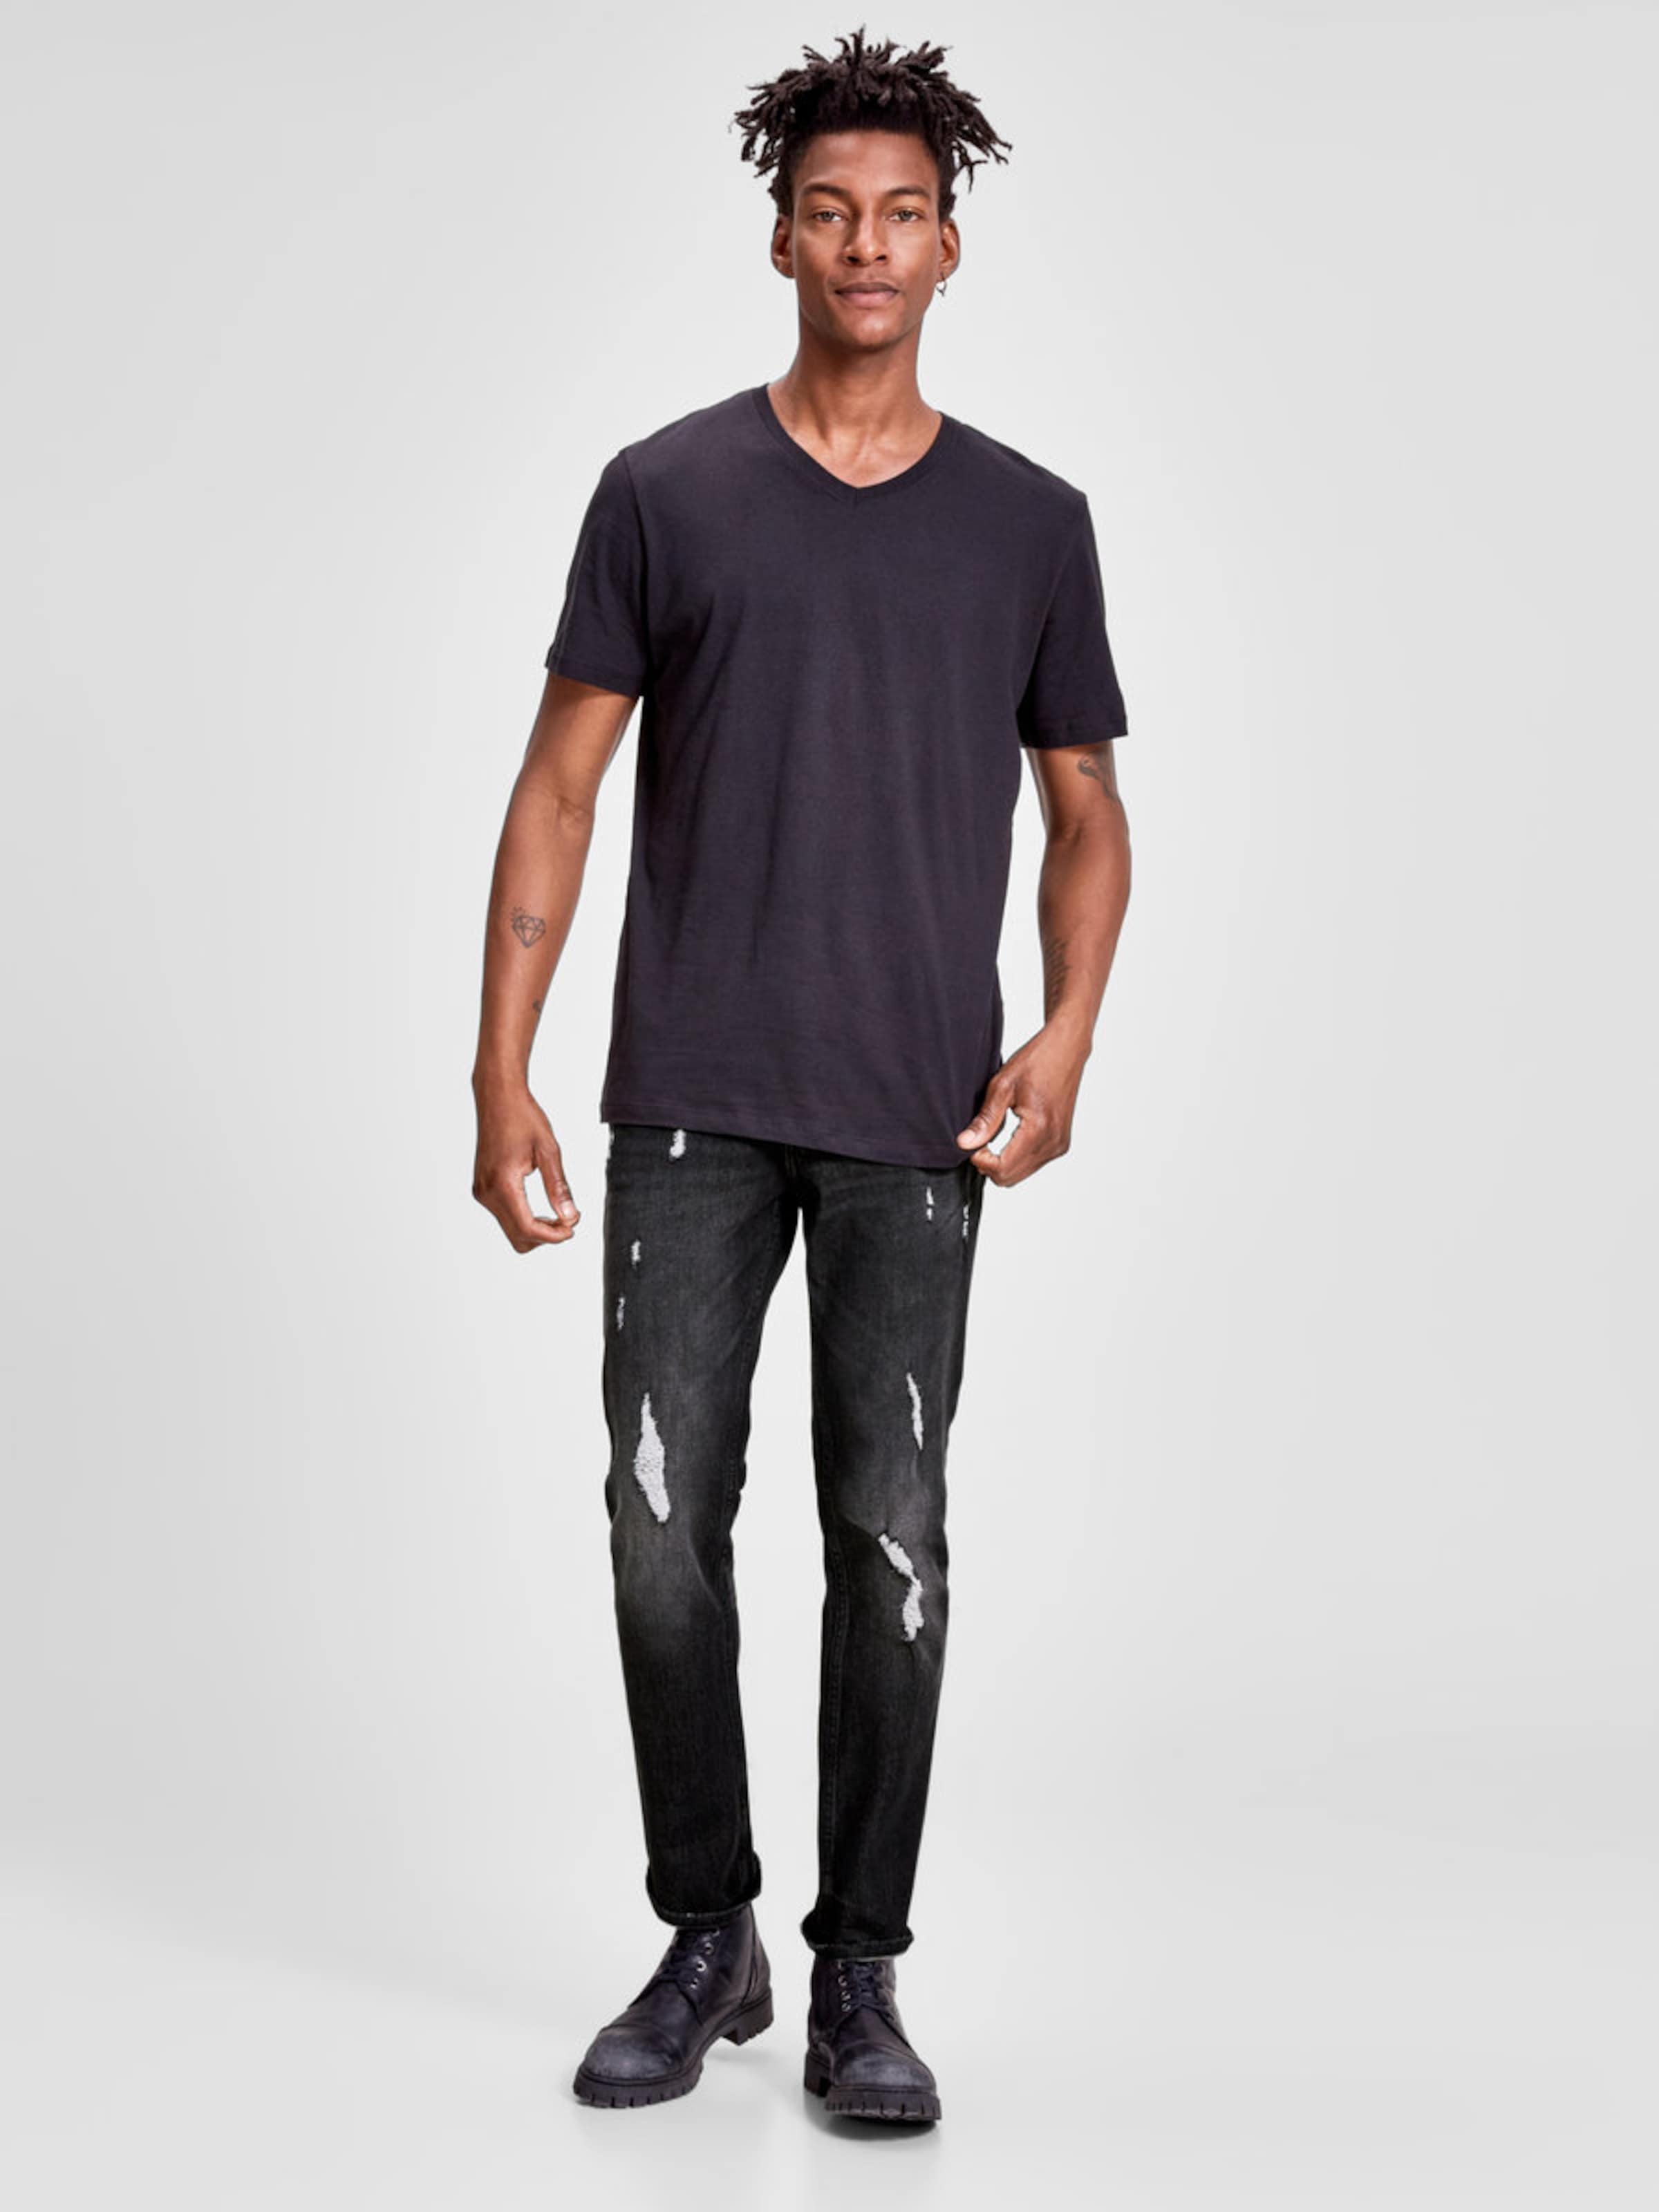 Freies Verschiffen Verkaufsschlager Günstig Kaufen Manchester Großen Verkauf JACK & JONES Slim Fit Jeans 'TIM ORIGINAL CR 020' Beste Preise Im Netz jEiaOvvB